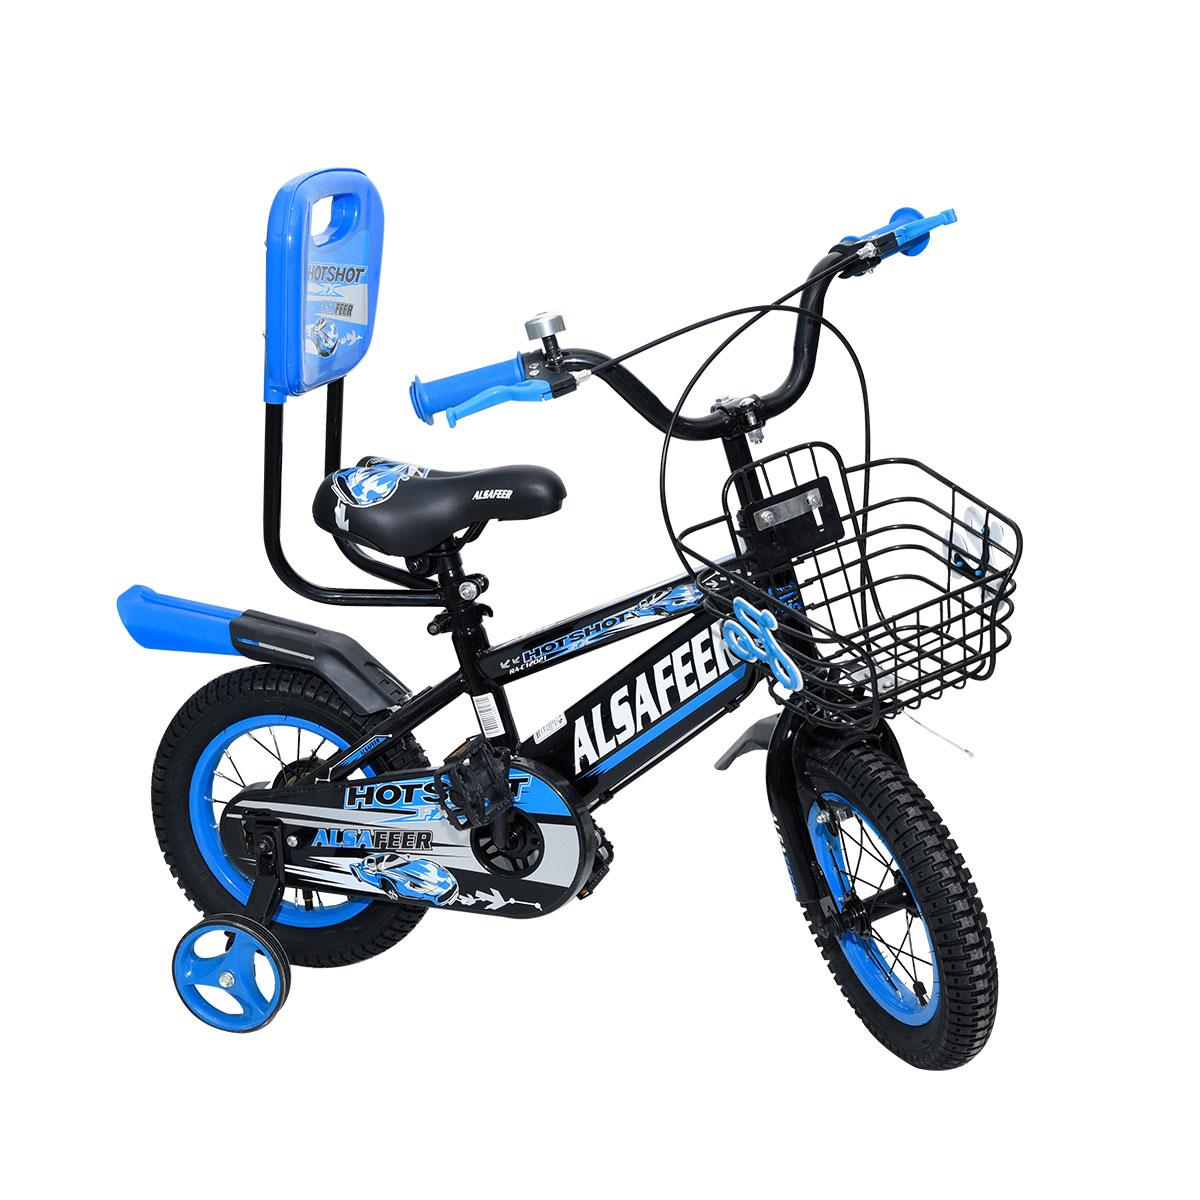 دراجة هوائية للأطفال - مقاس 14 إنش - الوان متعددة , 14HRX